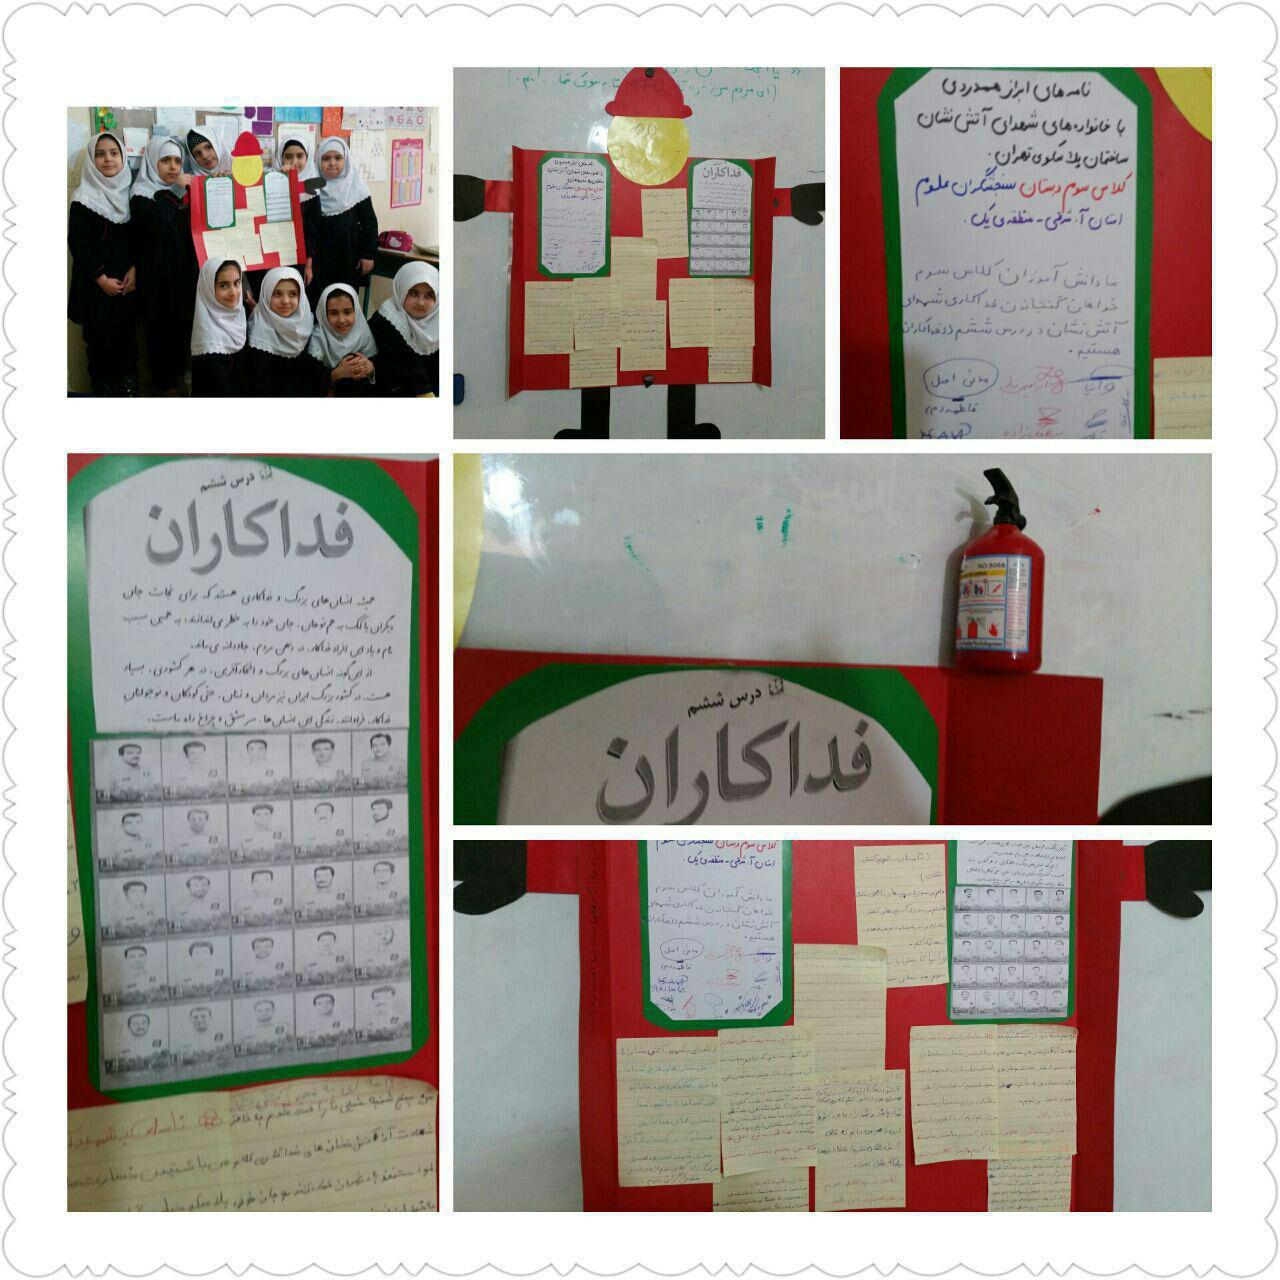 نامه دانش آموزان تبریزی برای درج فداکاری شهدای آتش نشان در کتاب فارسی پایه سوم